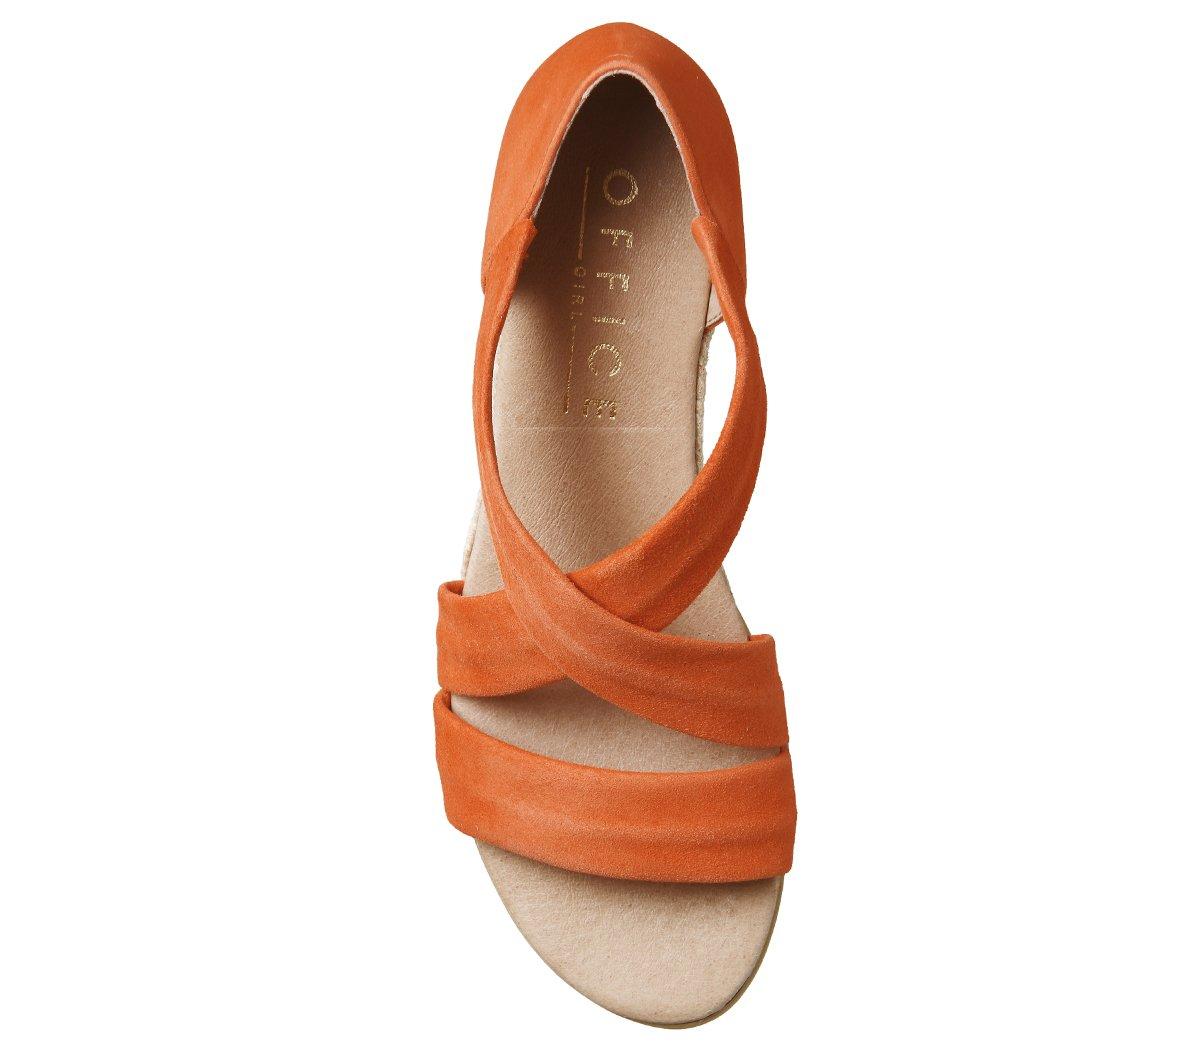 Unbekannt Damen Damen Unbekannt Hallie Espadrilles Orange Suede f5f186